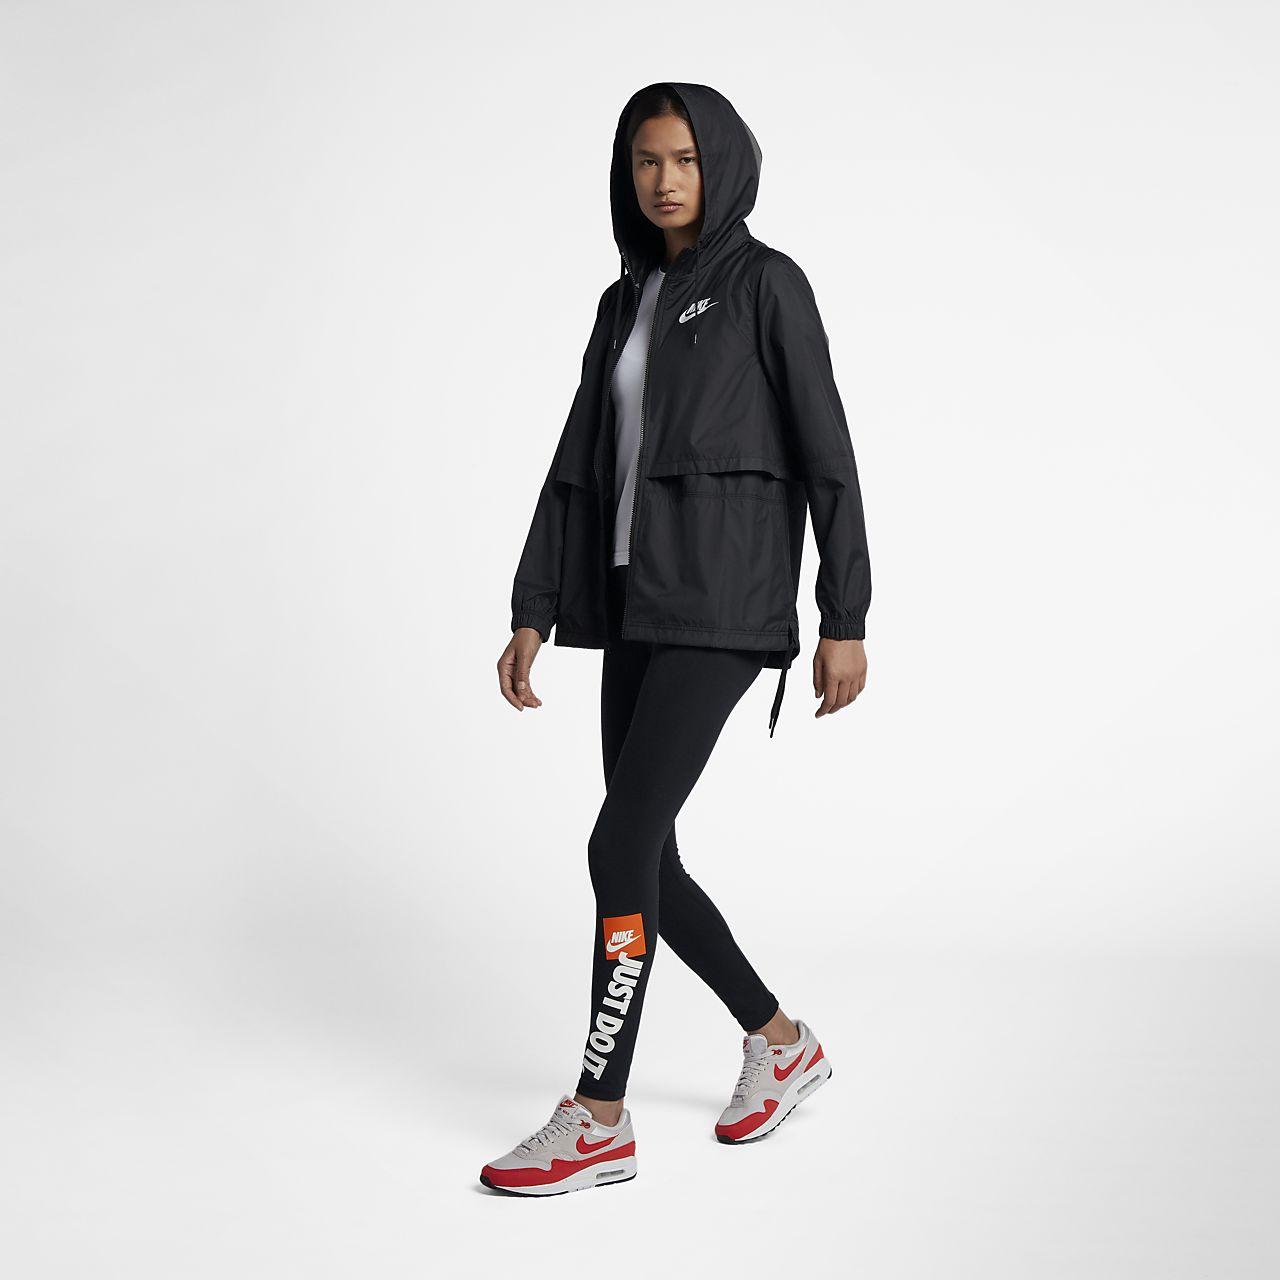 10359a7ae873 Low Resolution Nike Sportswear Women's Woven Jacket Nike Sportswear Women's  Woven Jacket